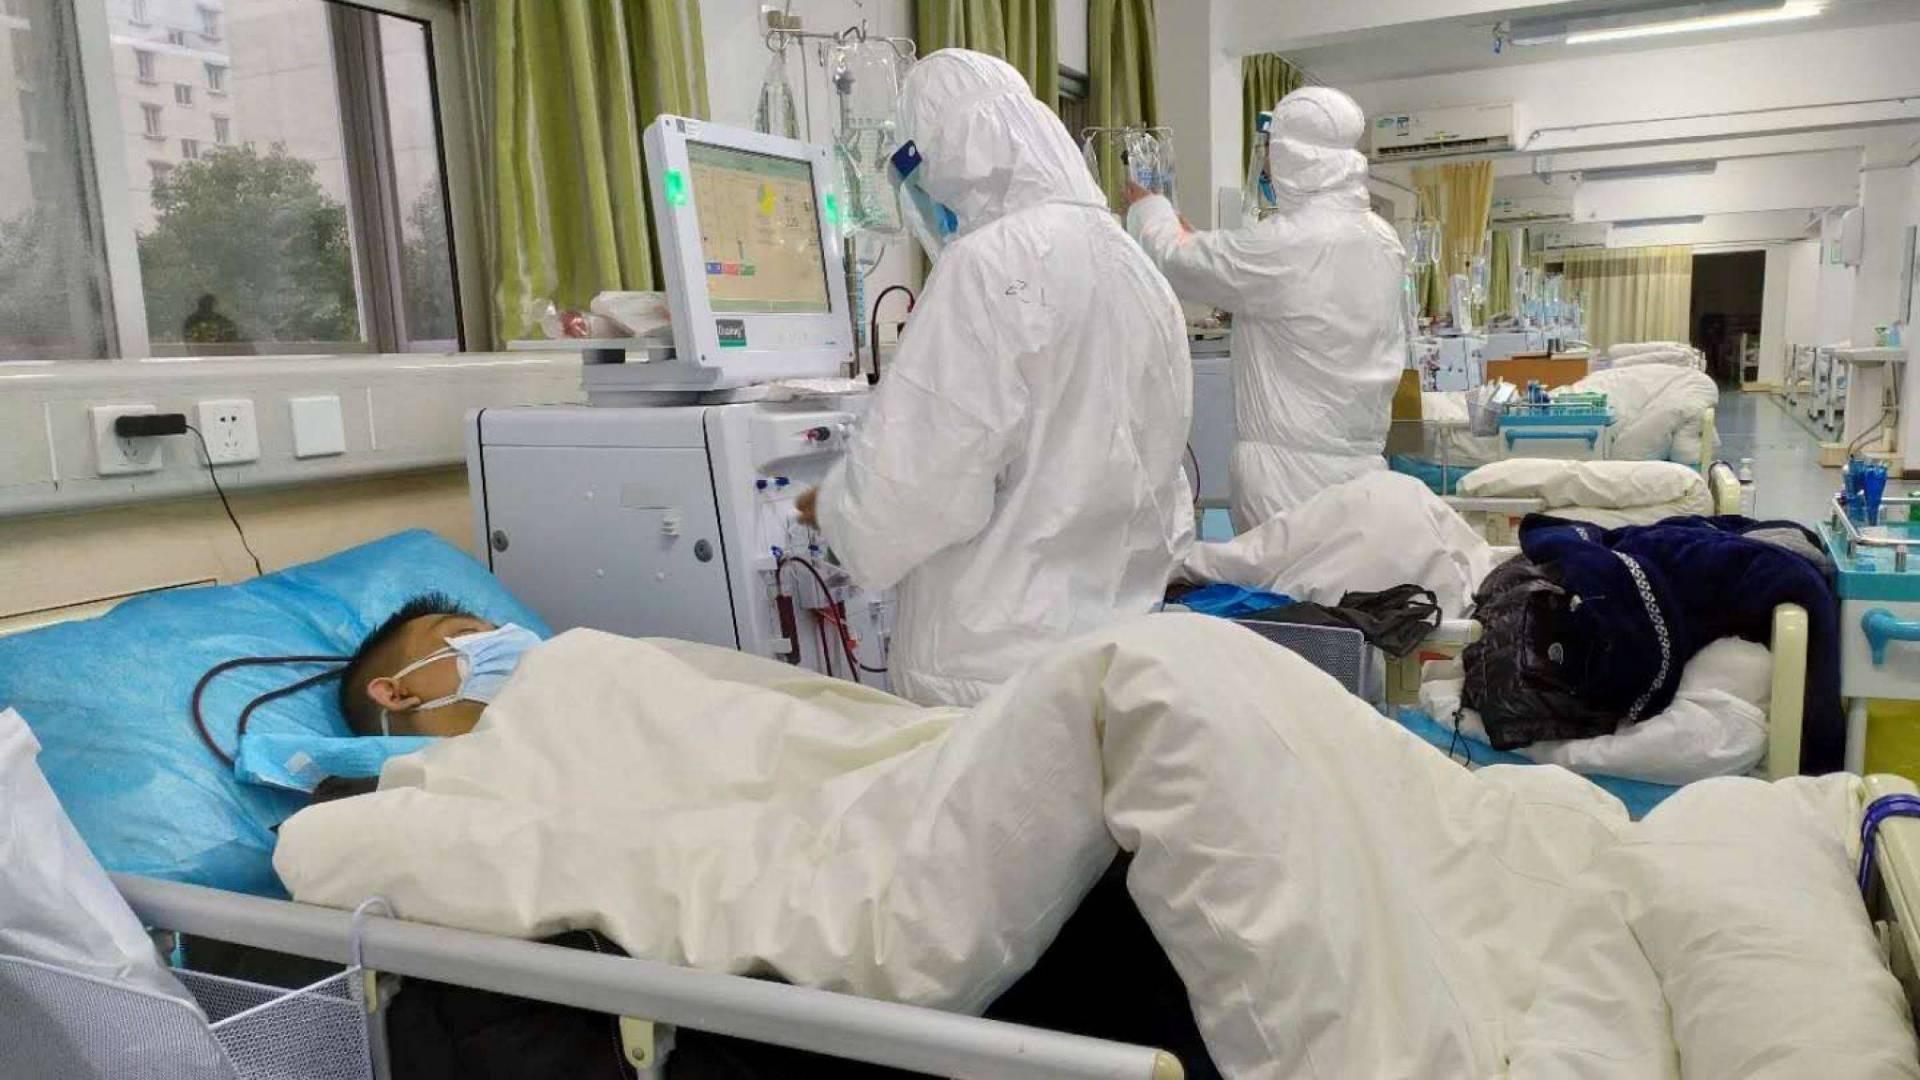 الصين تسجل 71 حالة وفاة جديدة بفيروس كورونا